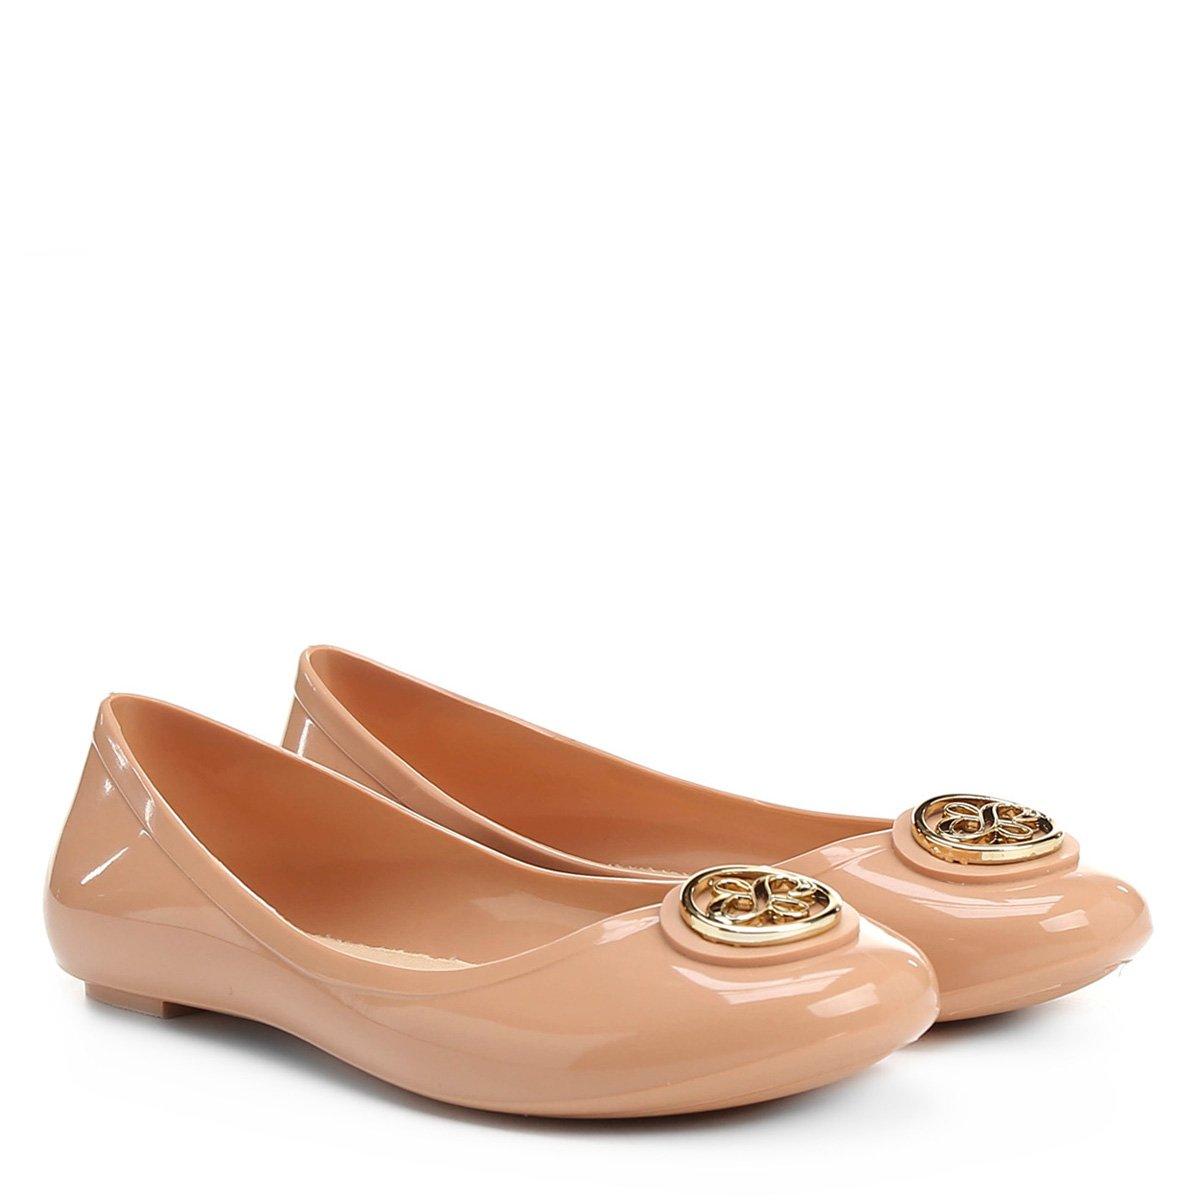 c04a7ef9bb Sapatilha Shoestock Injetada Medalha Infantil - Nude - Compre Agora ...